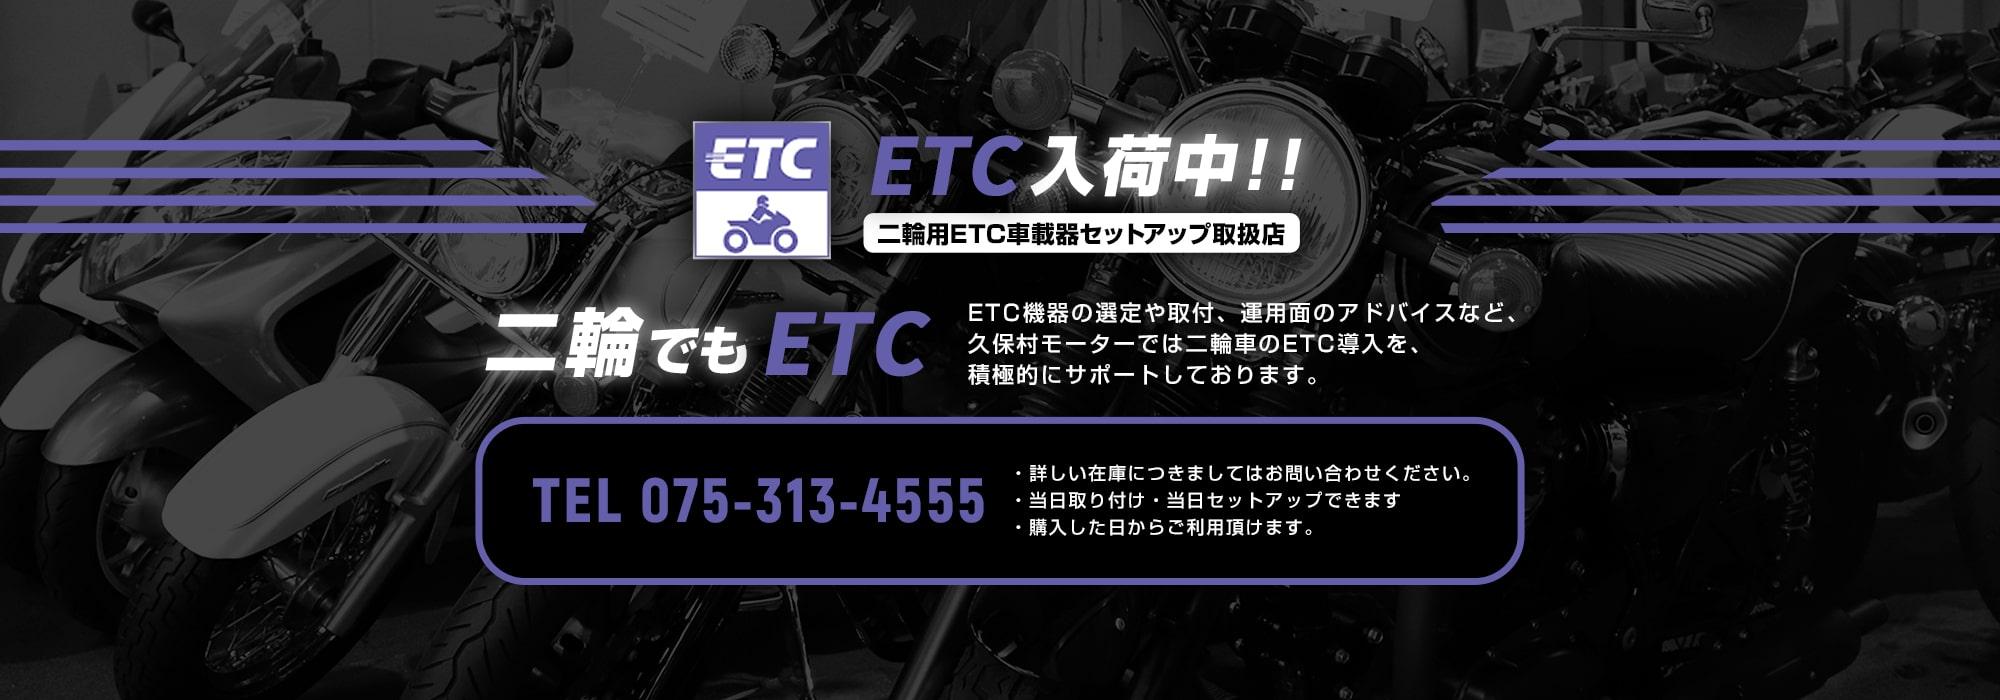 ETC入荷中!